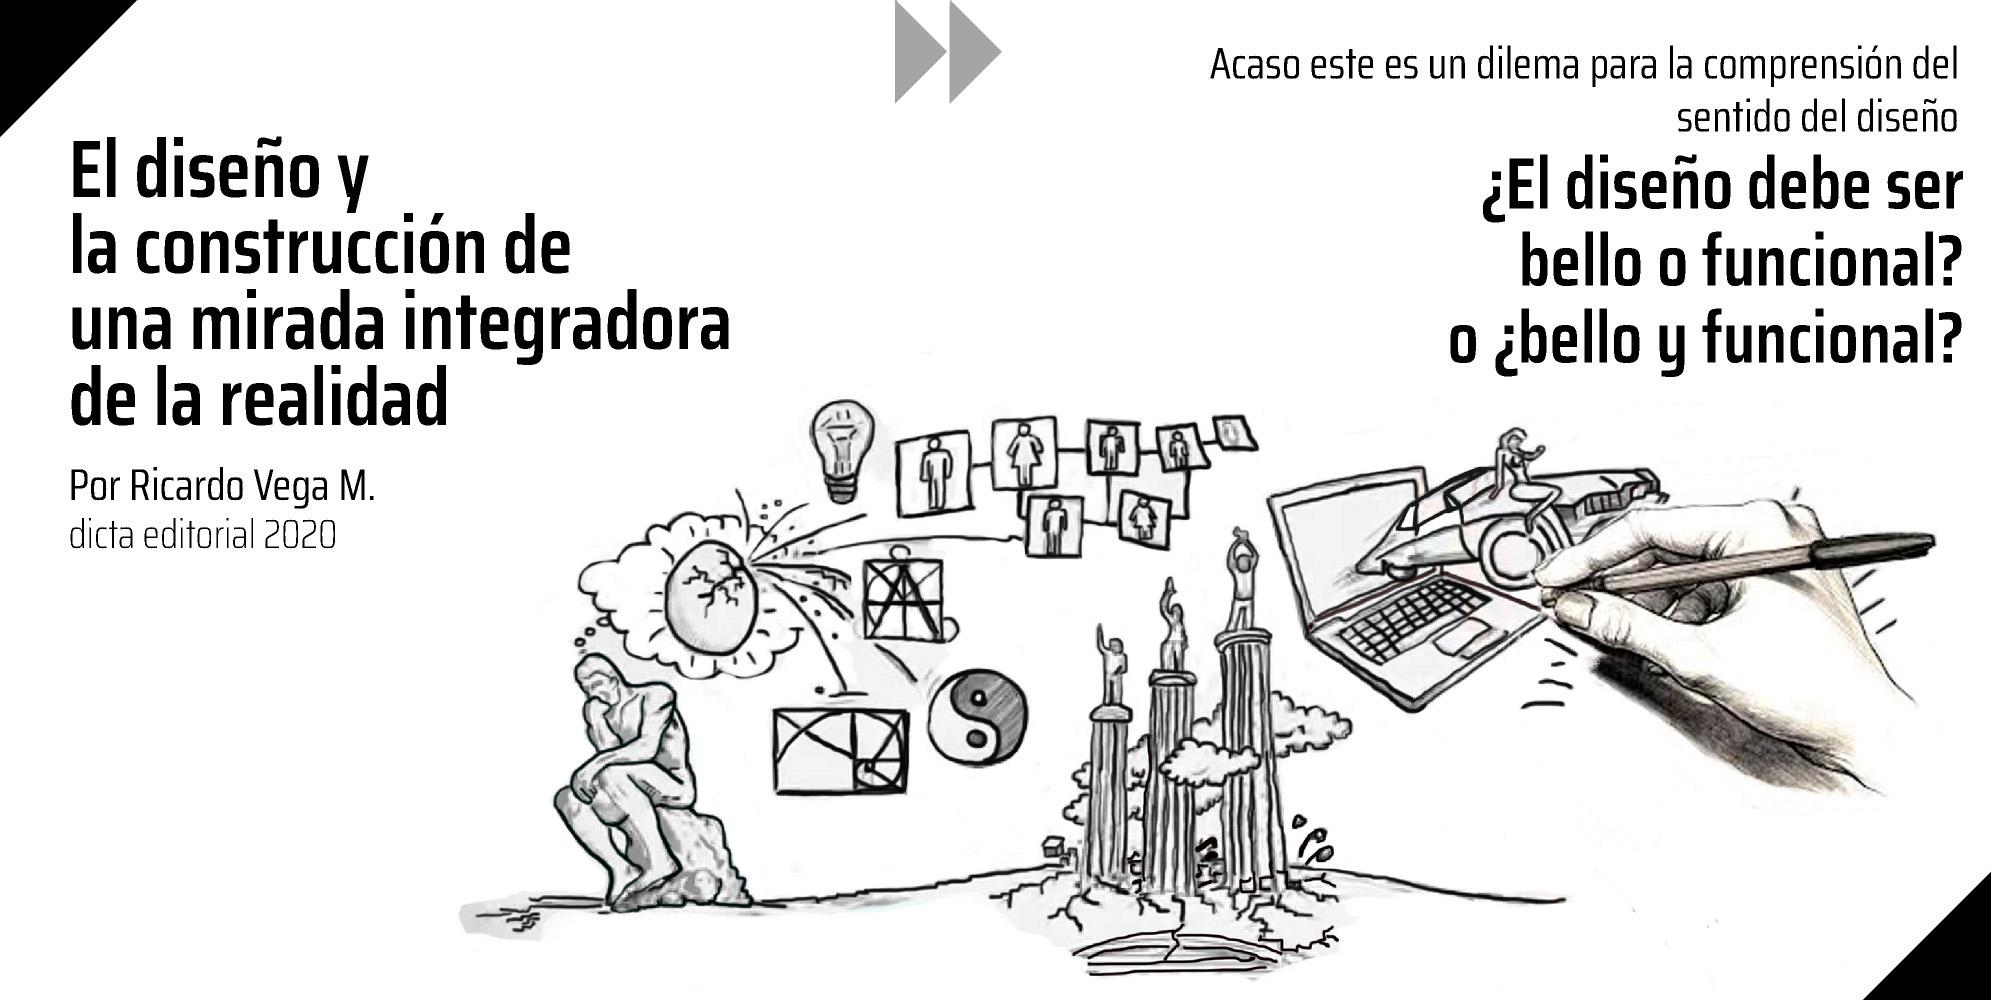 El diseño y la construcción de una mirada integradora de la realidad